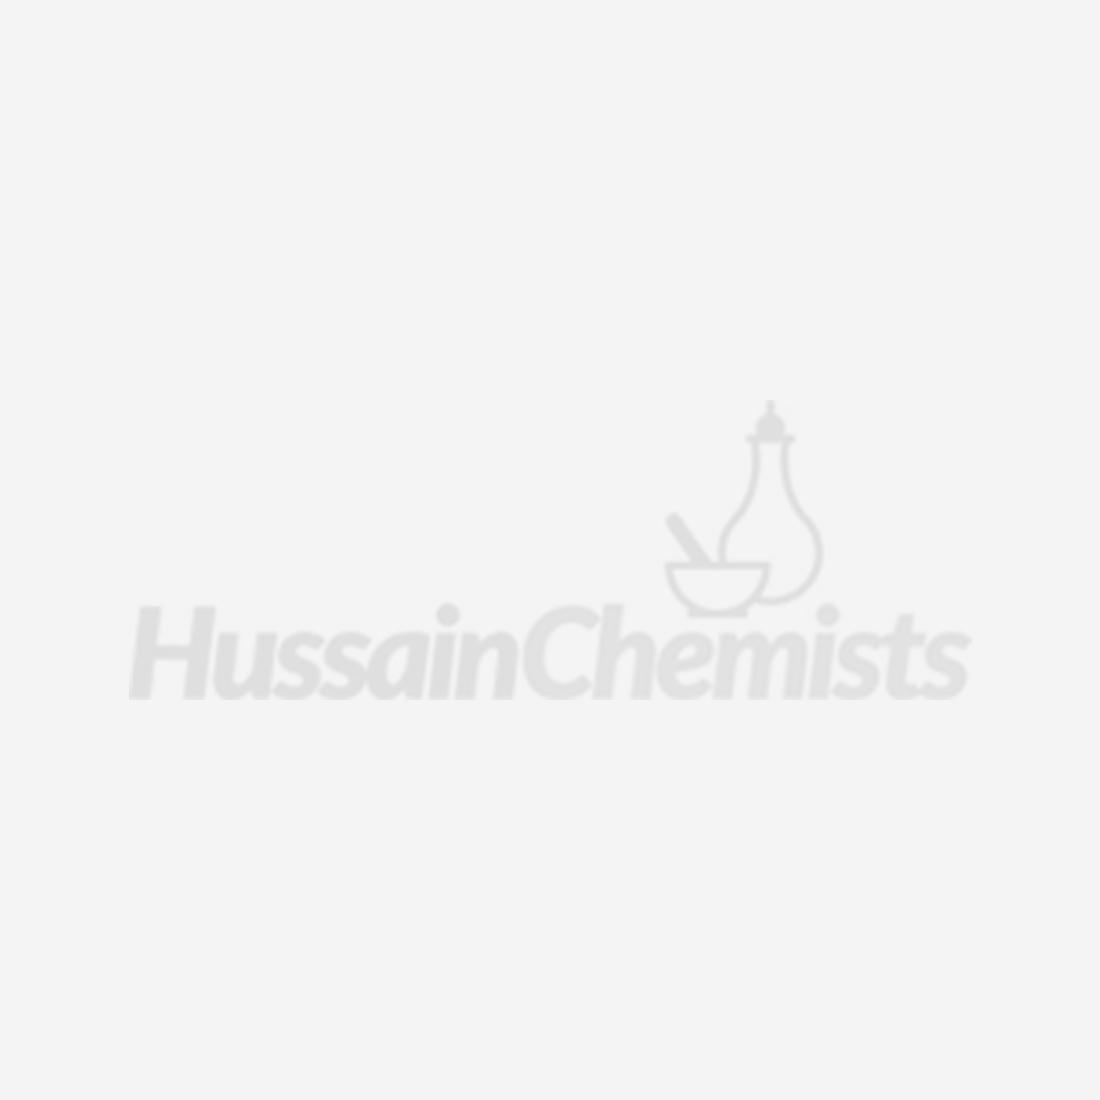 Canesten Thrush External Cream 2% w/w cream